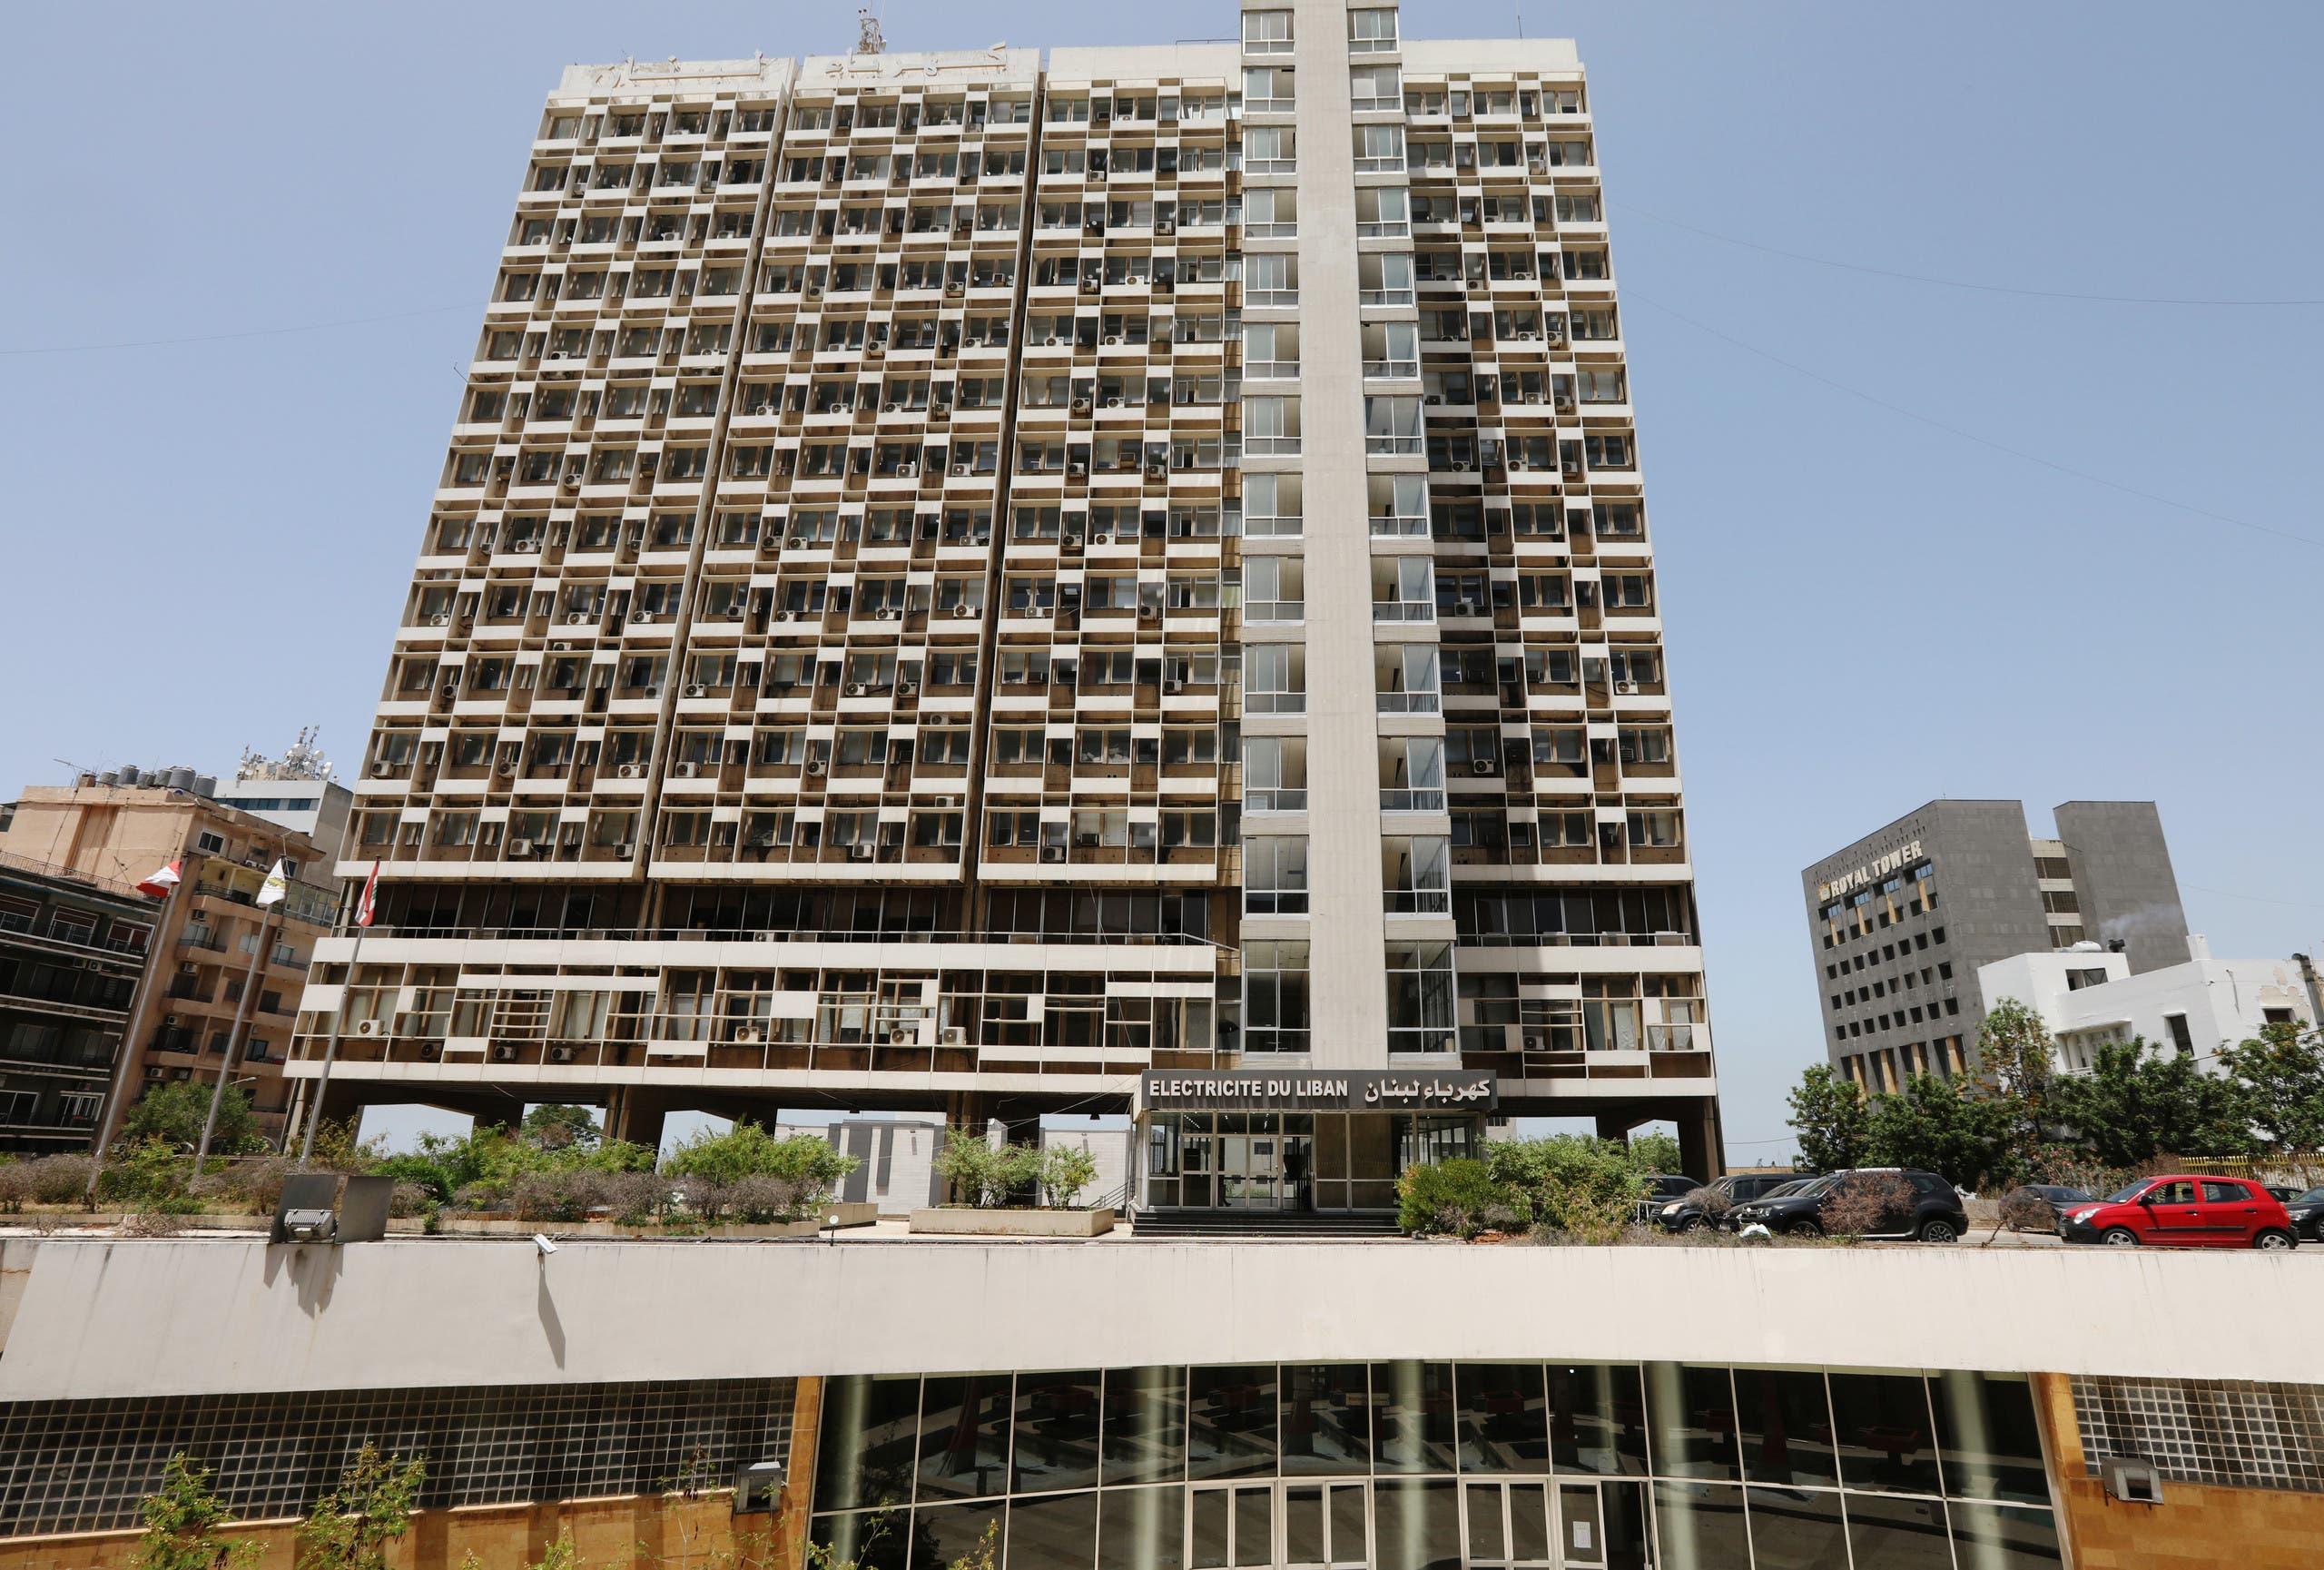 مبنى مؤسسة  الكهرباء في لبنان (رويترز)